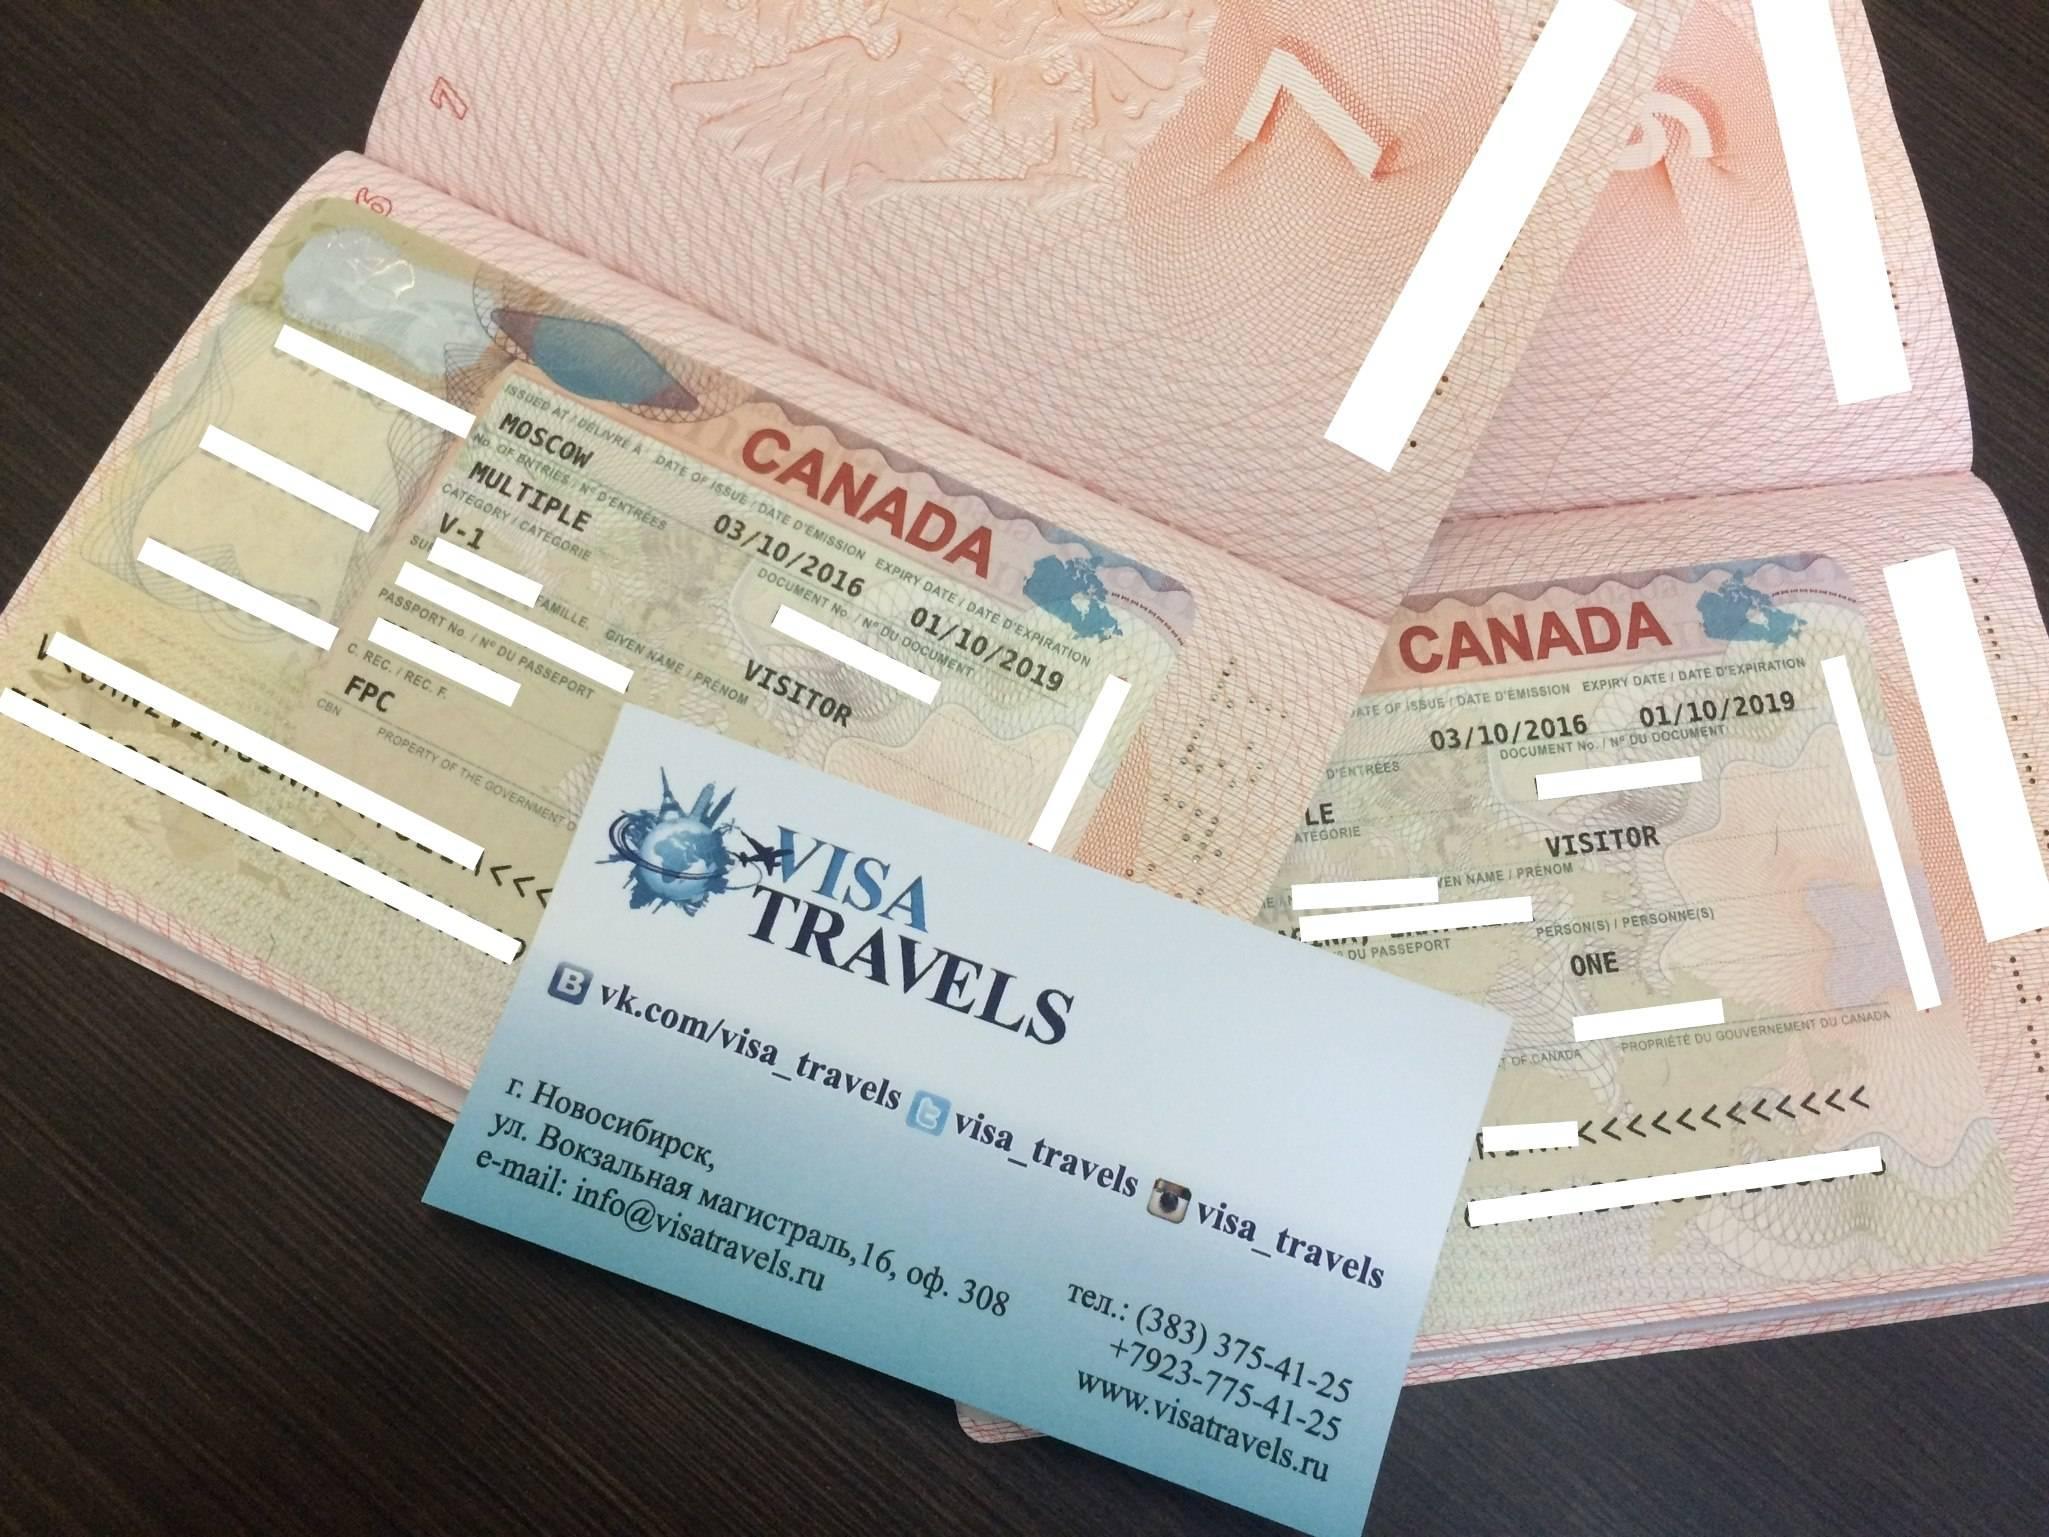 Студенческая виза в Канаду: как оформить